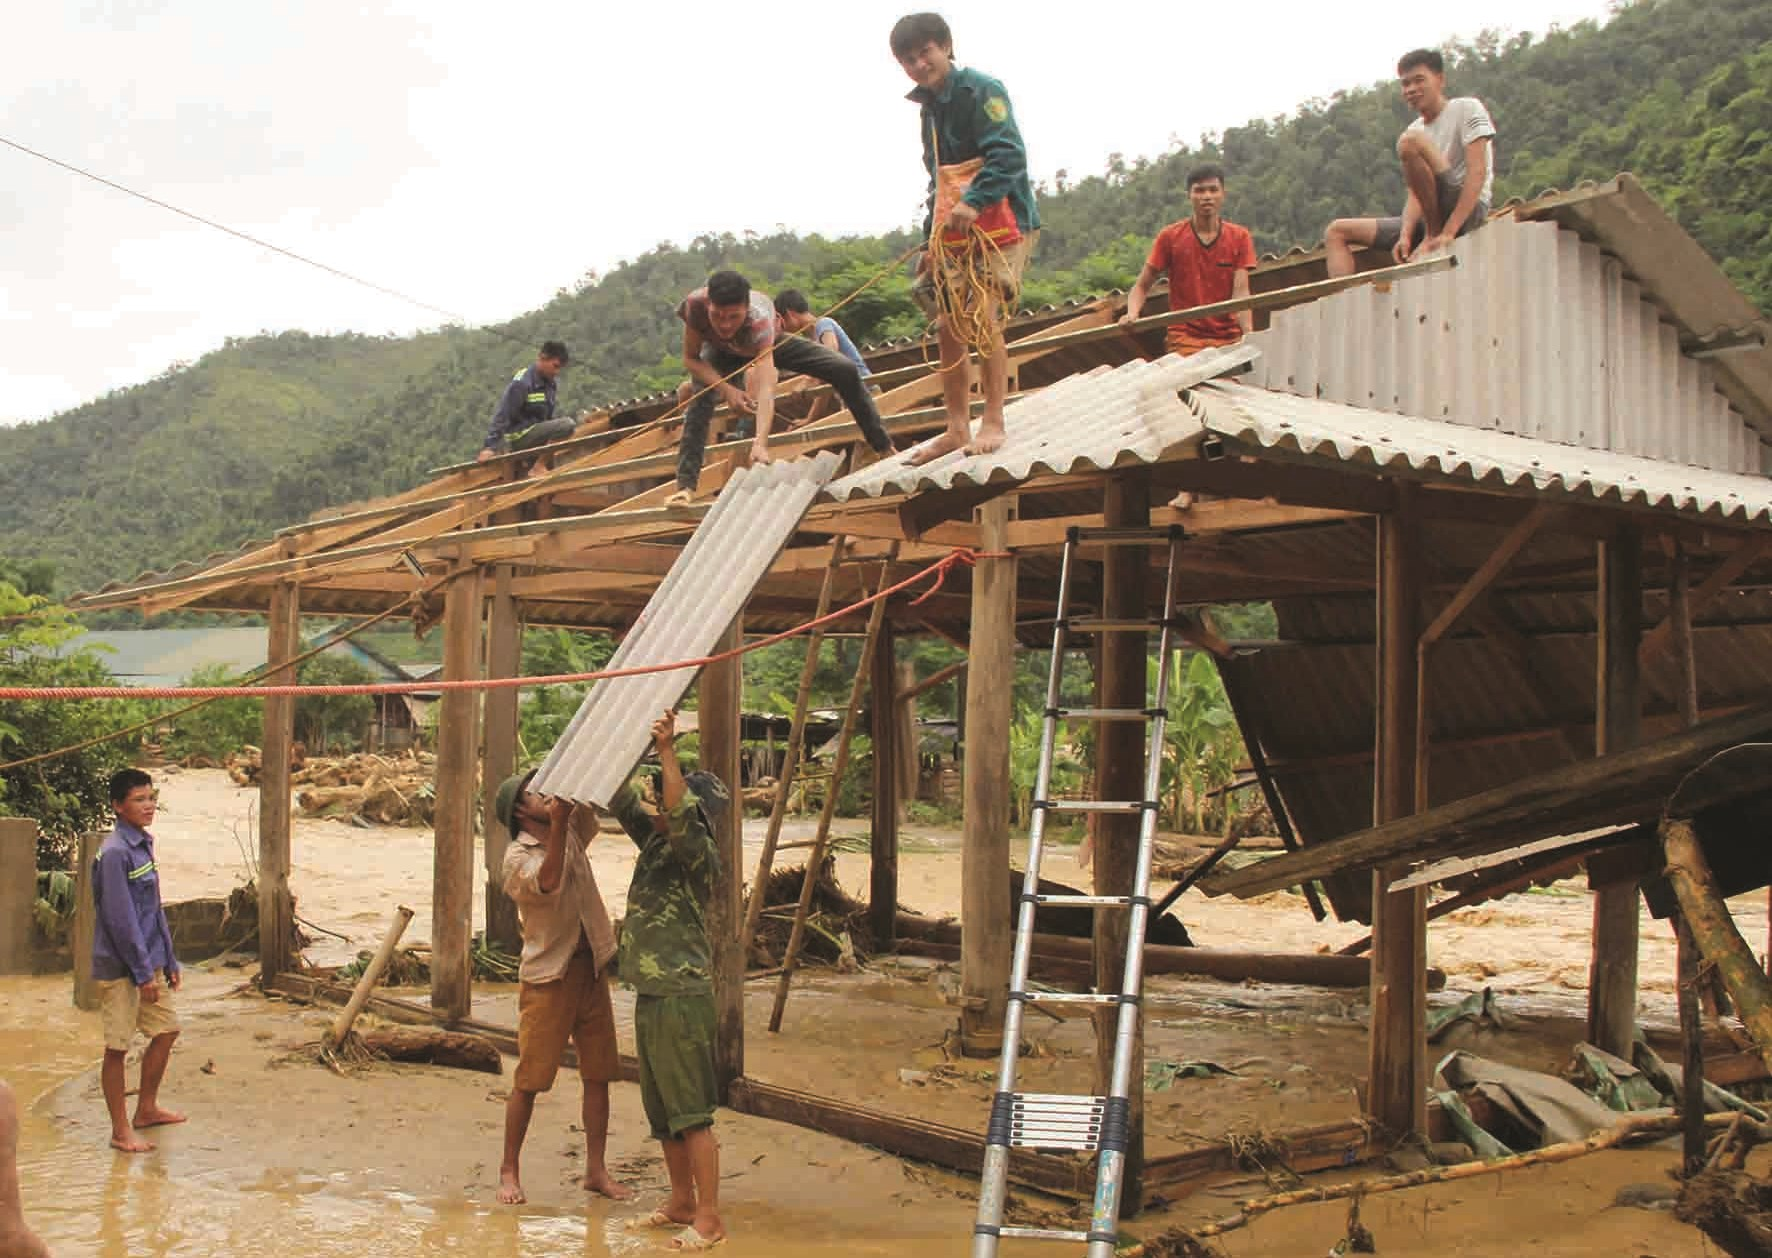 Lực lượng chức năng hỗ trợ người dân làm lại nhà sau mưa lũ